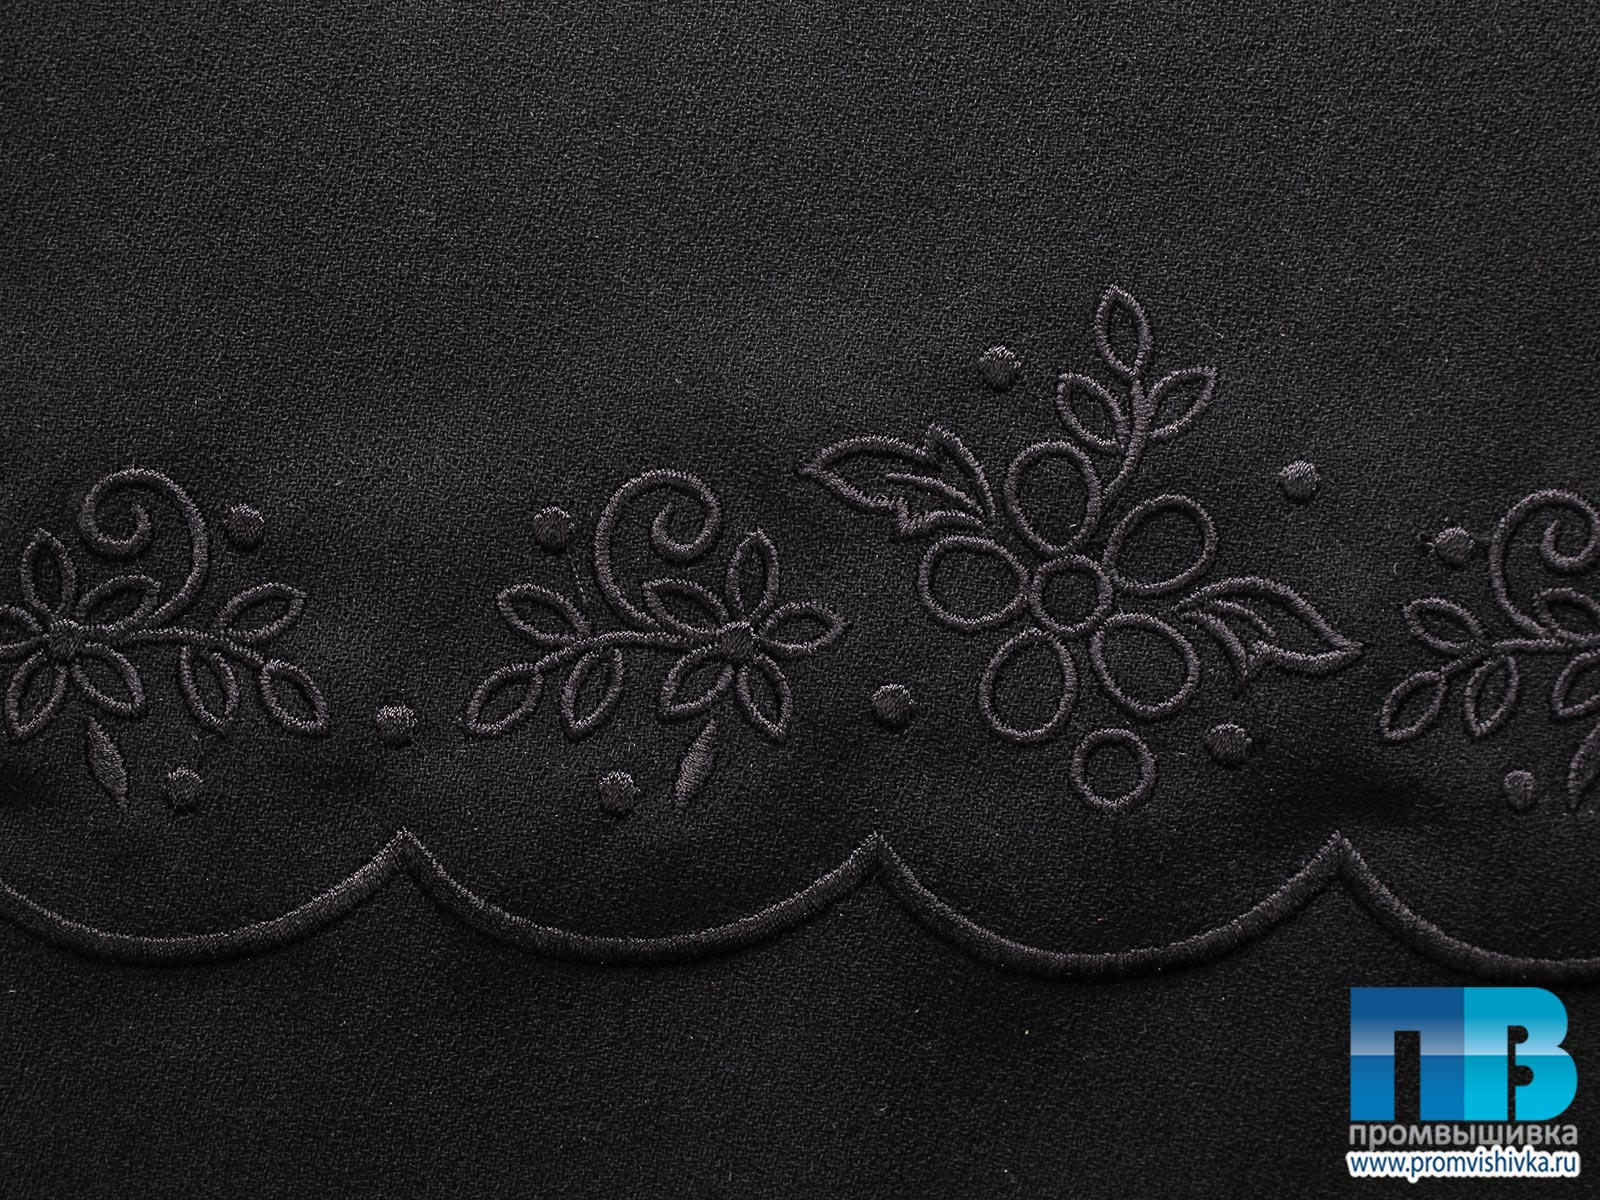 Вышивка на черной ткани